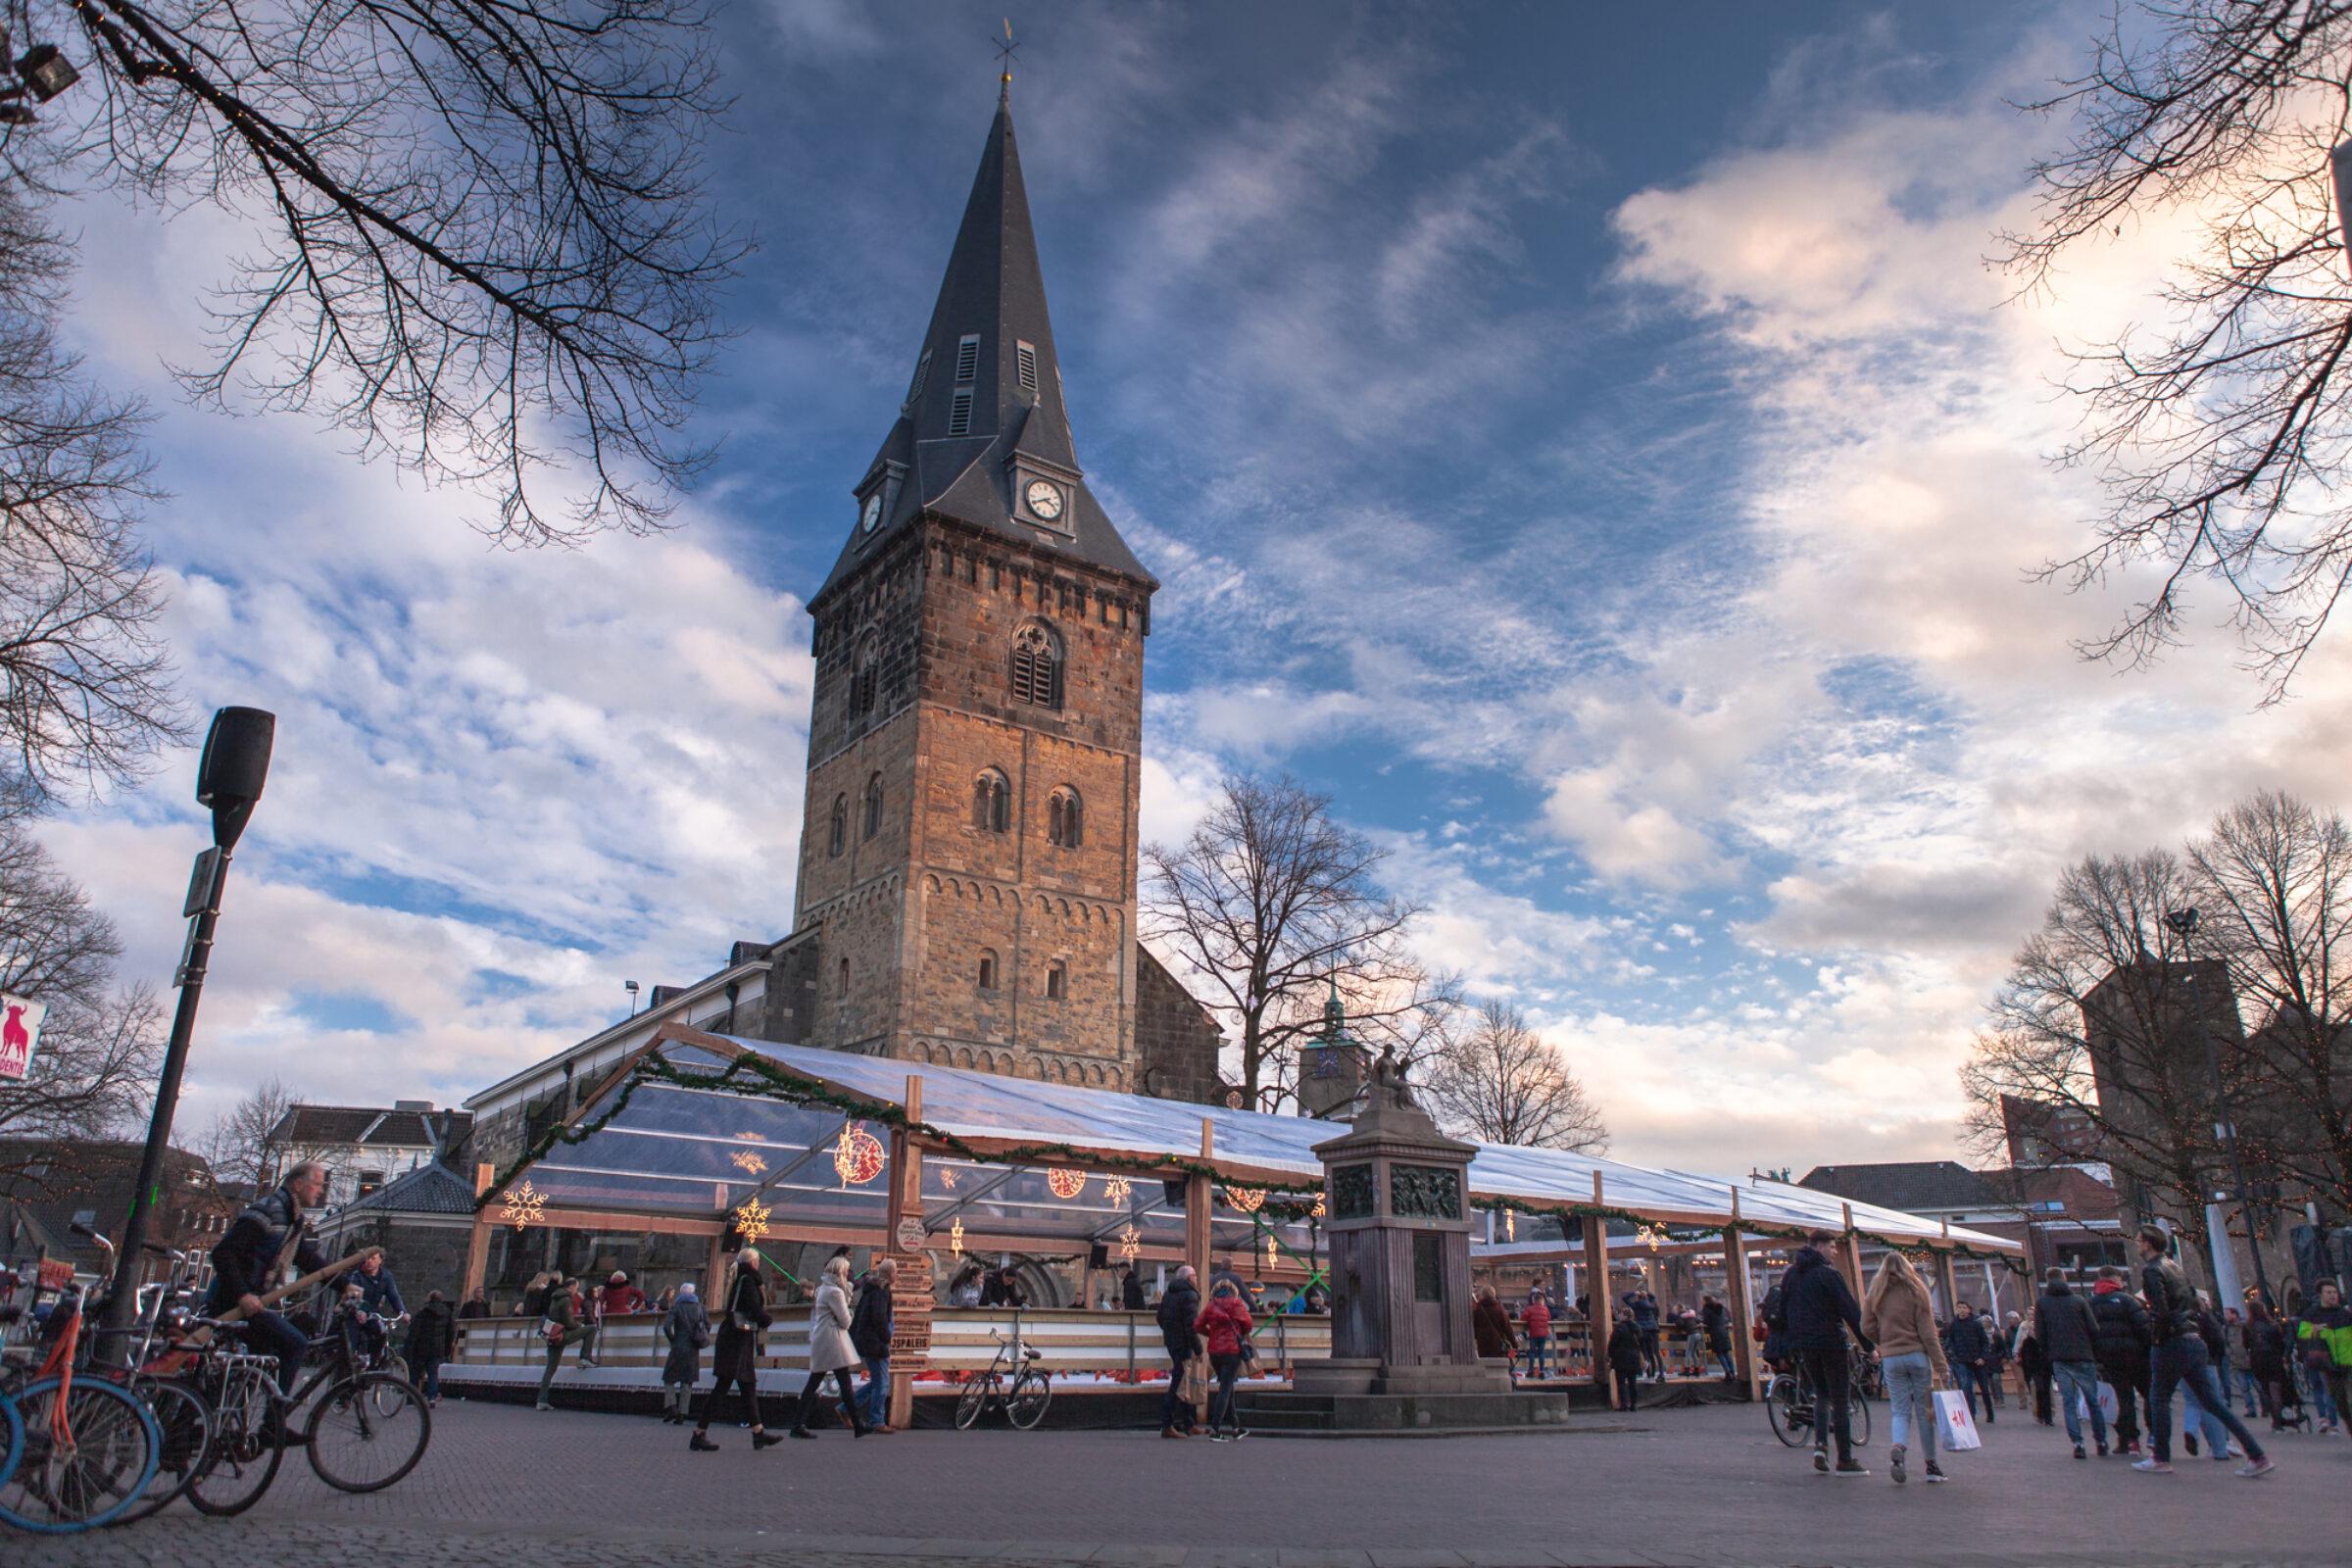 Schaatsbaan op de Oude Markt Winter Wonderland Enschede